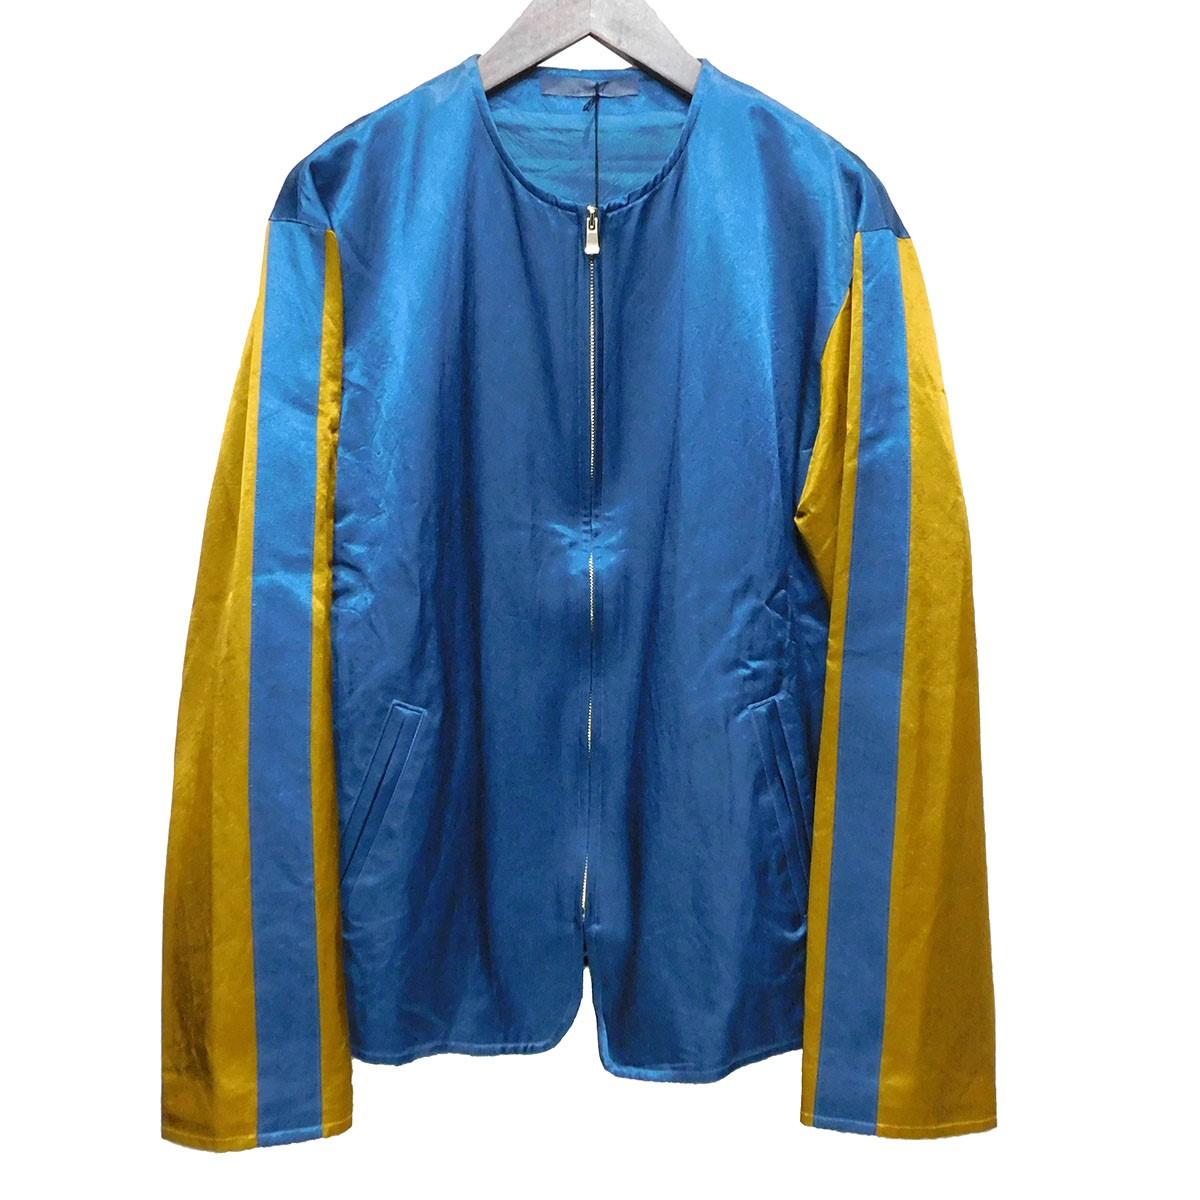 【中古】semoh ノーカラージャケット ネイビー×マスタード サイズ:2 【230420】(セモー)